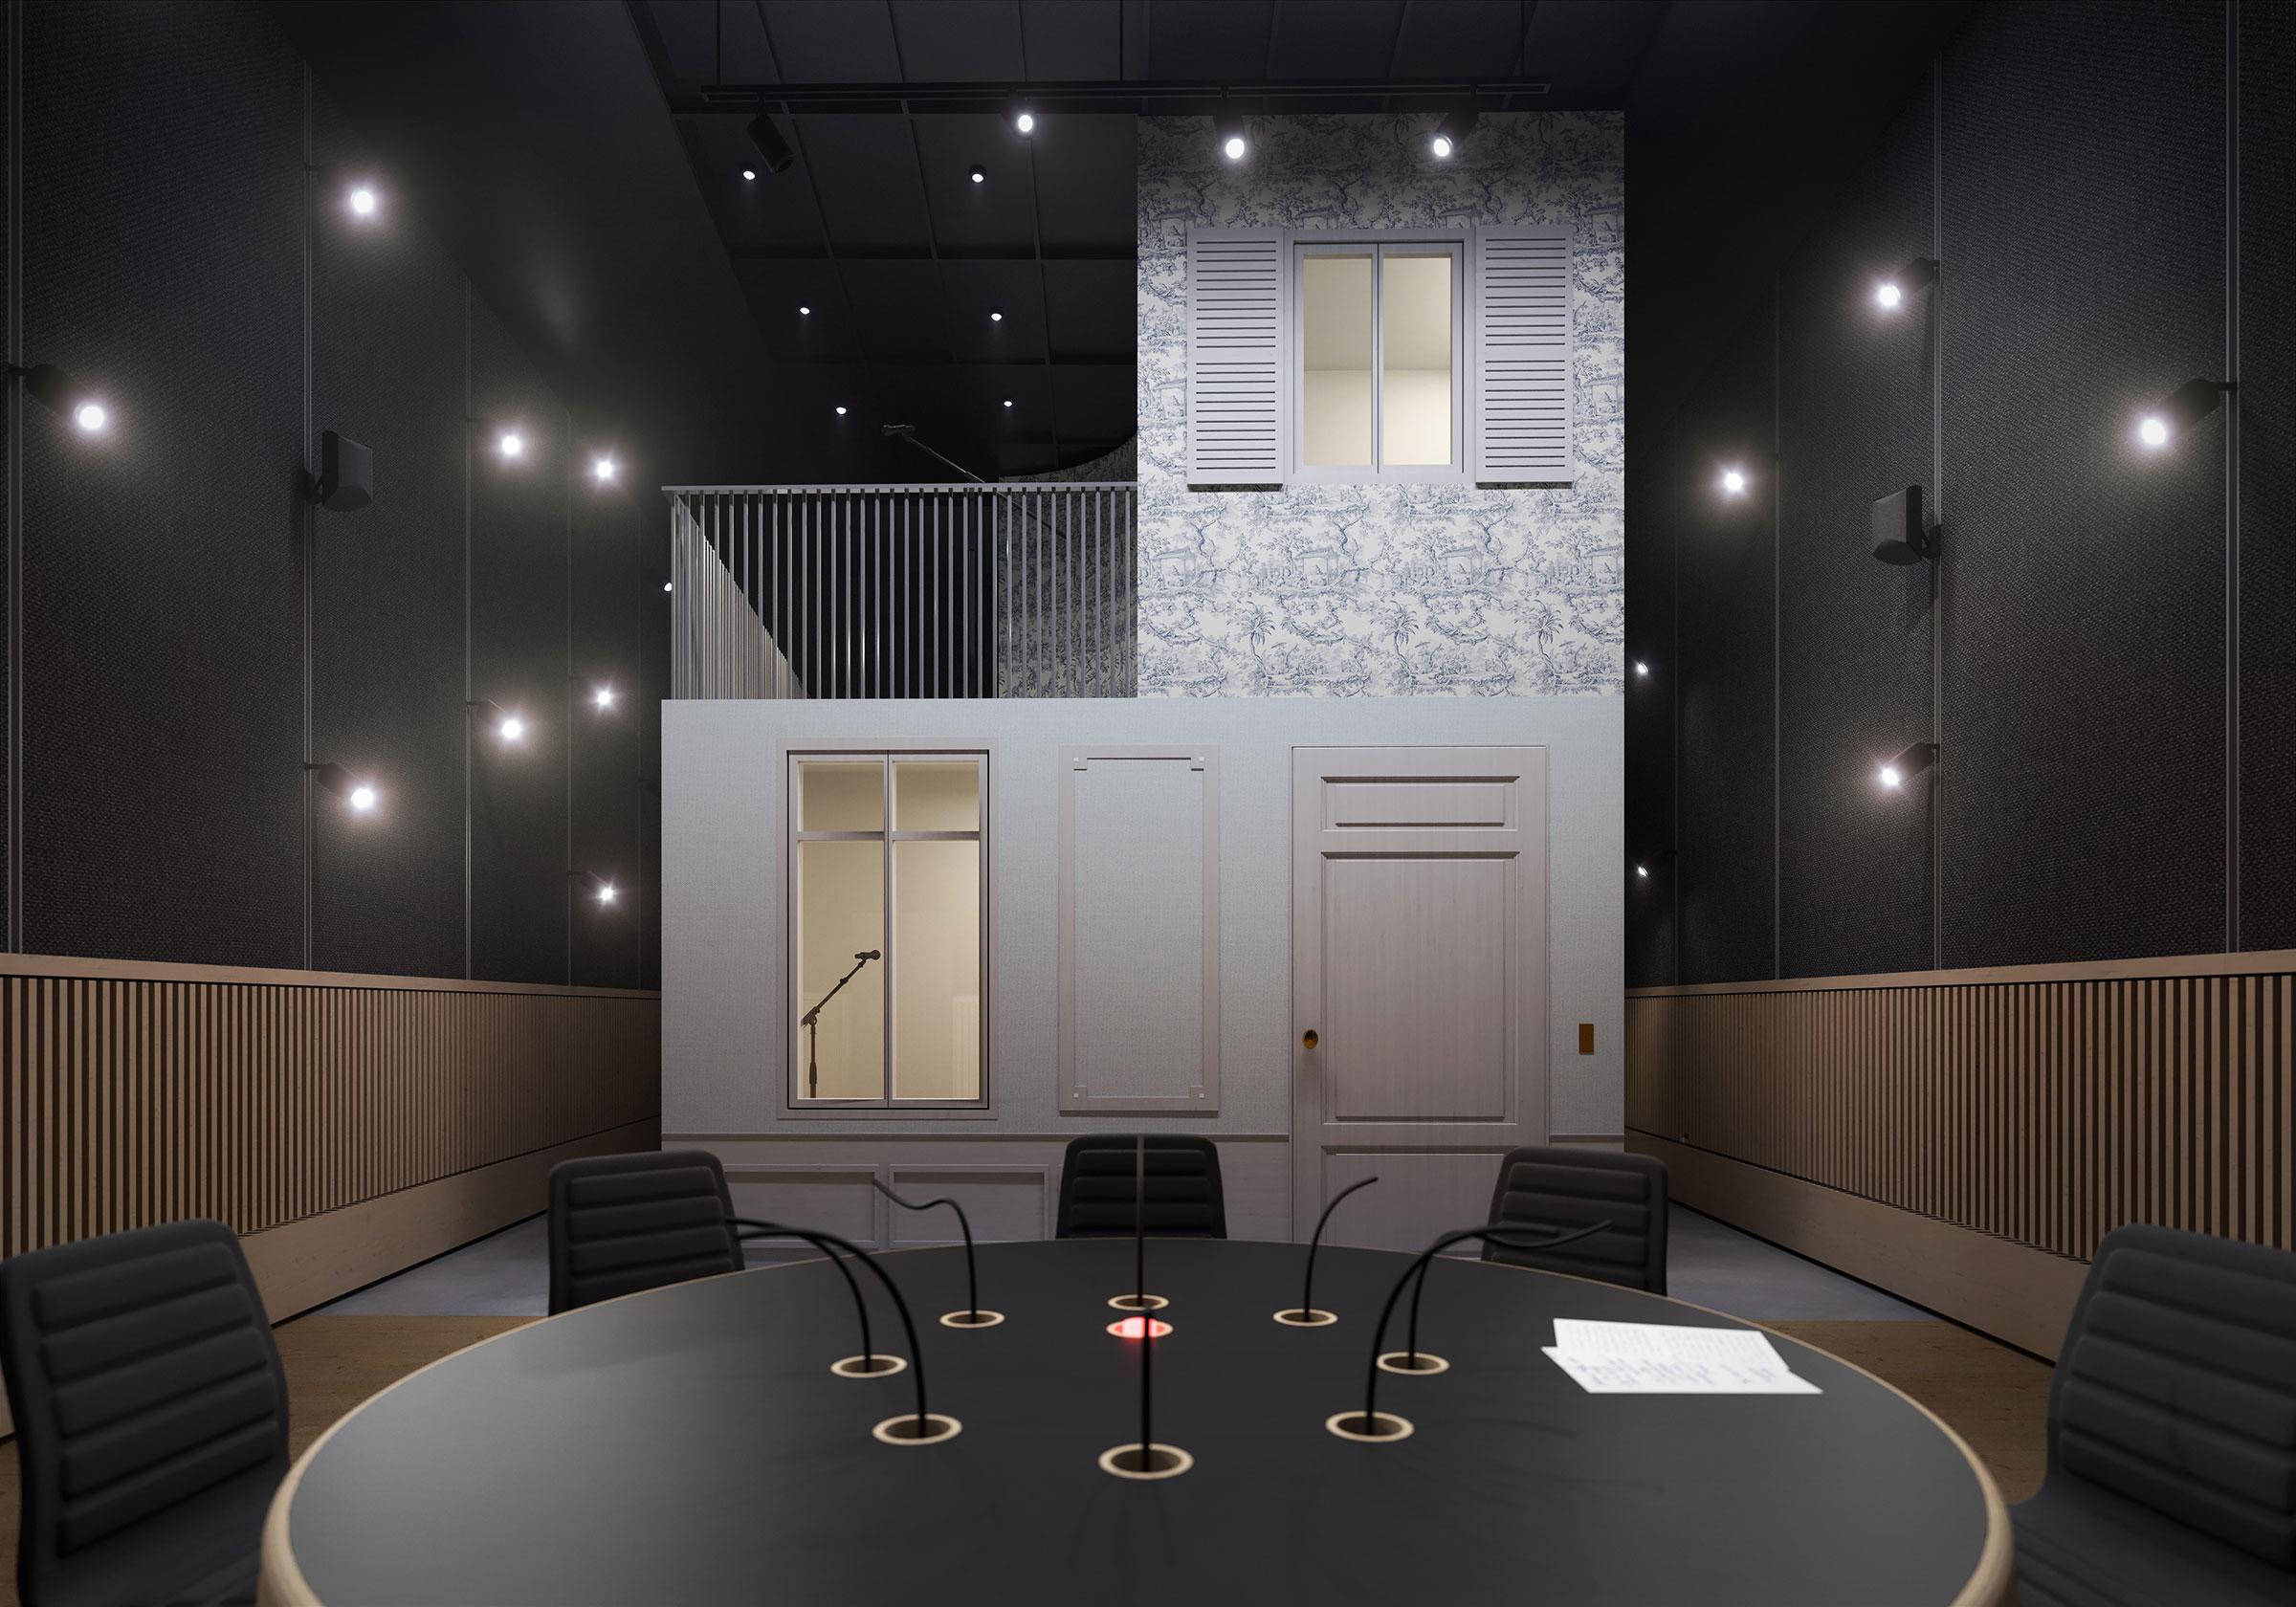 Perspective du studio 116 réalisée par LEMON SARL sur la base de l'avant-projet.<br />Consacrés principalement à la production de fictions radiophoniques, les studios 115, 116 et 117 seront équipés d'une chambre sourde.<br />© R architecture / WSP / RADIO FRANCE